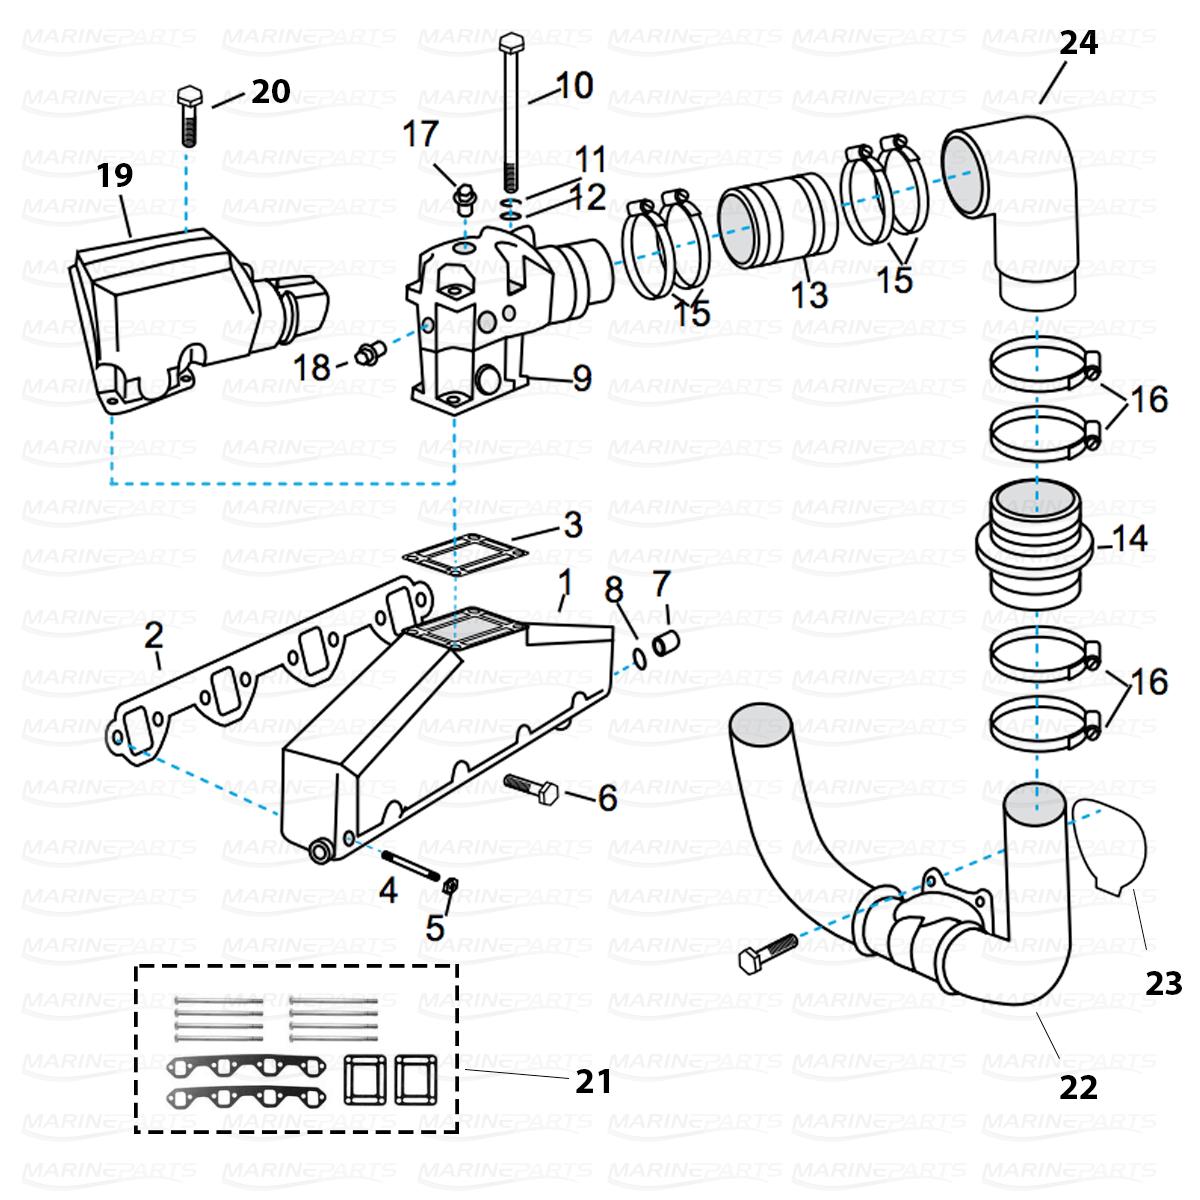 Eksosdeler for Volvo Penta V8 [FORD V8 302/351] ÅM 1993+